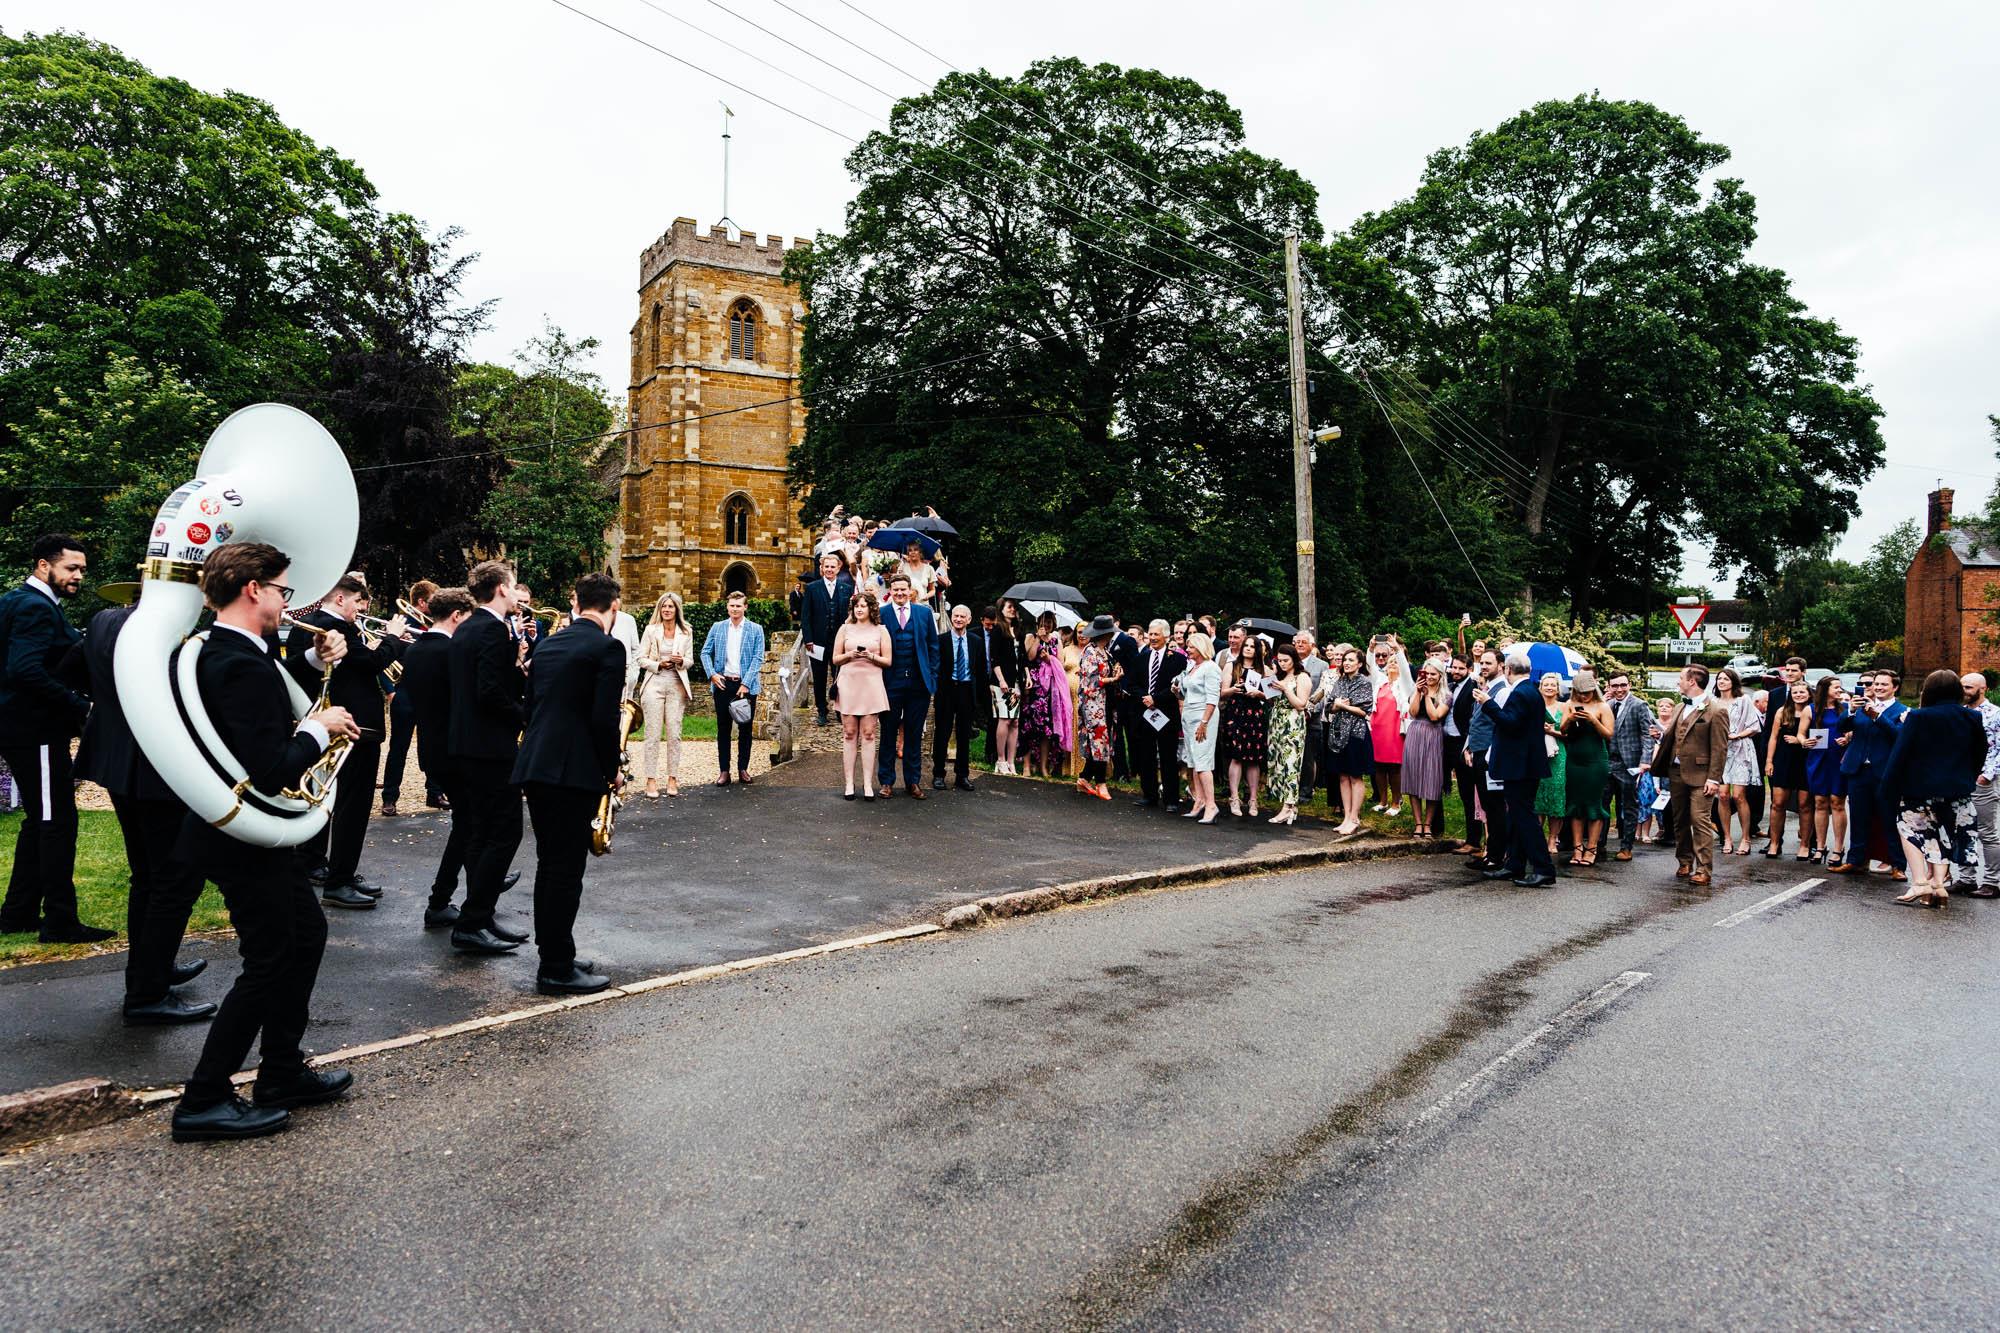 village-fete-wedding-34